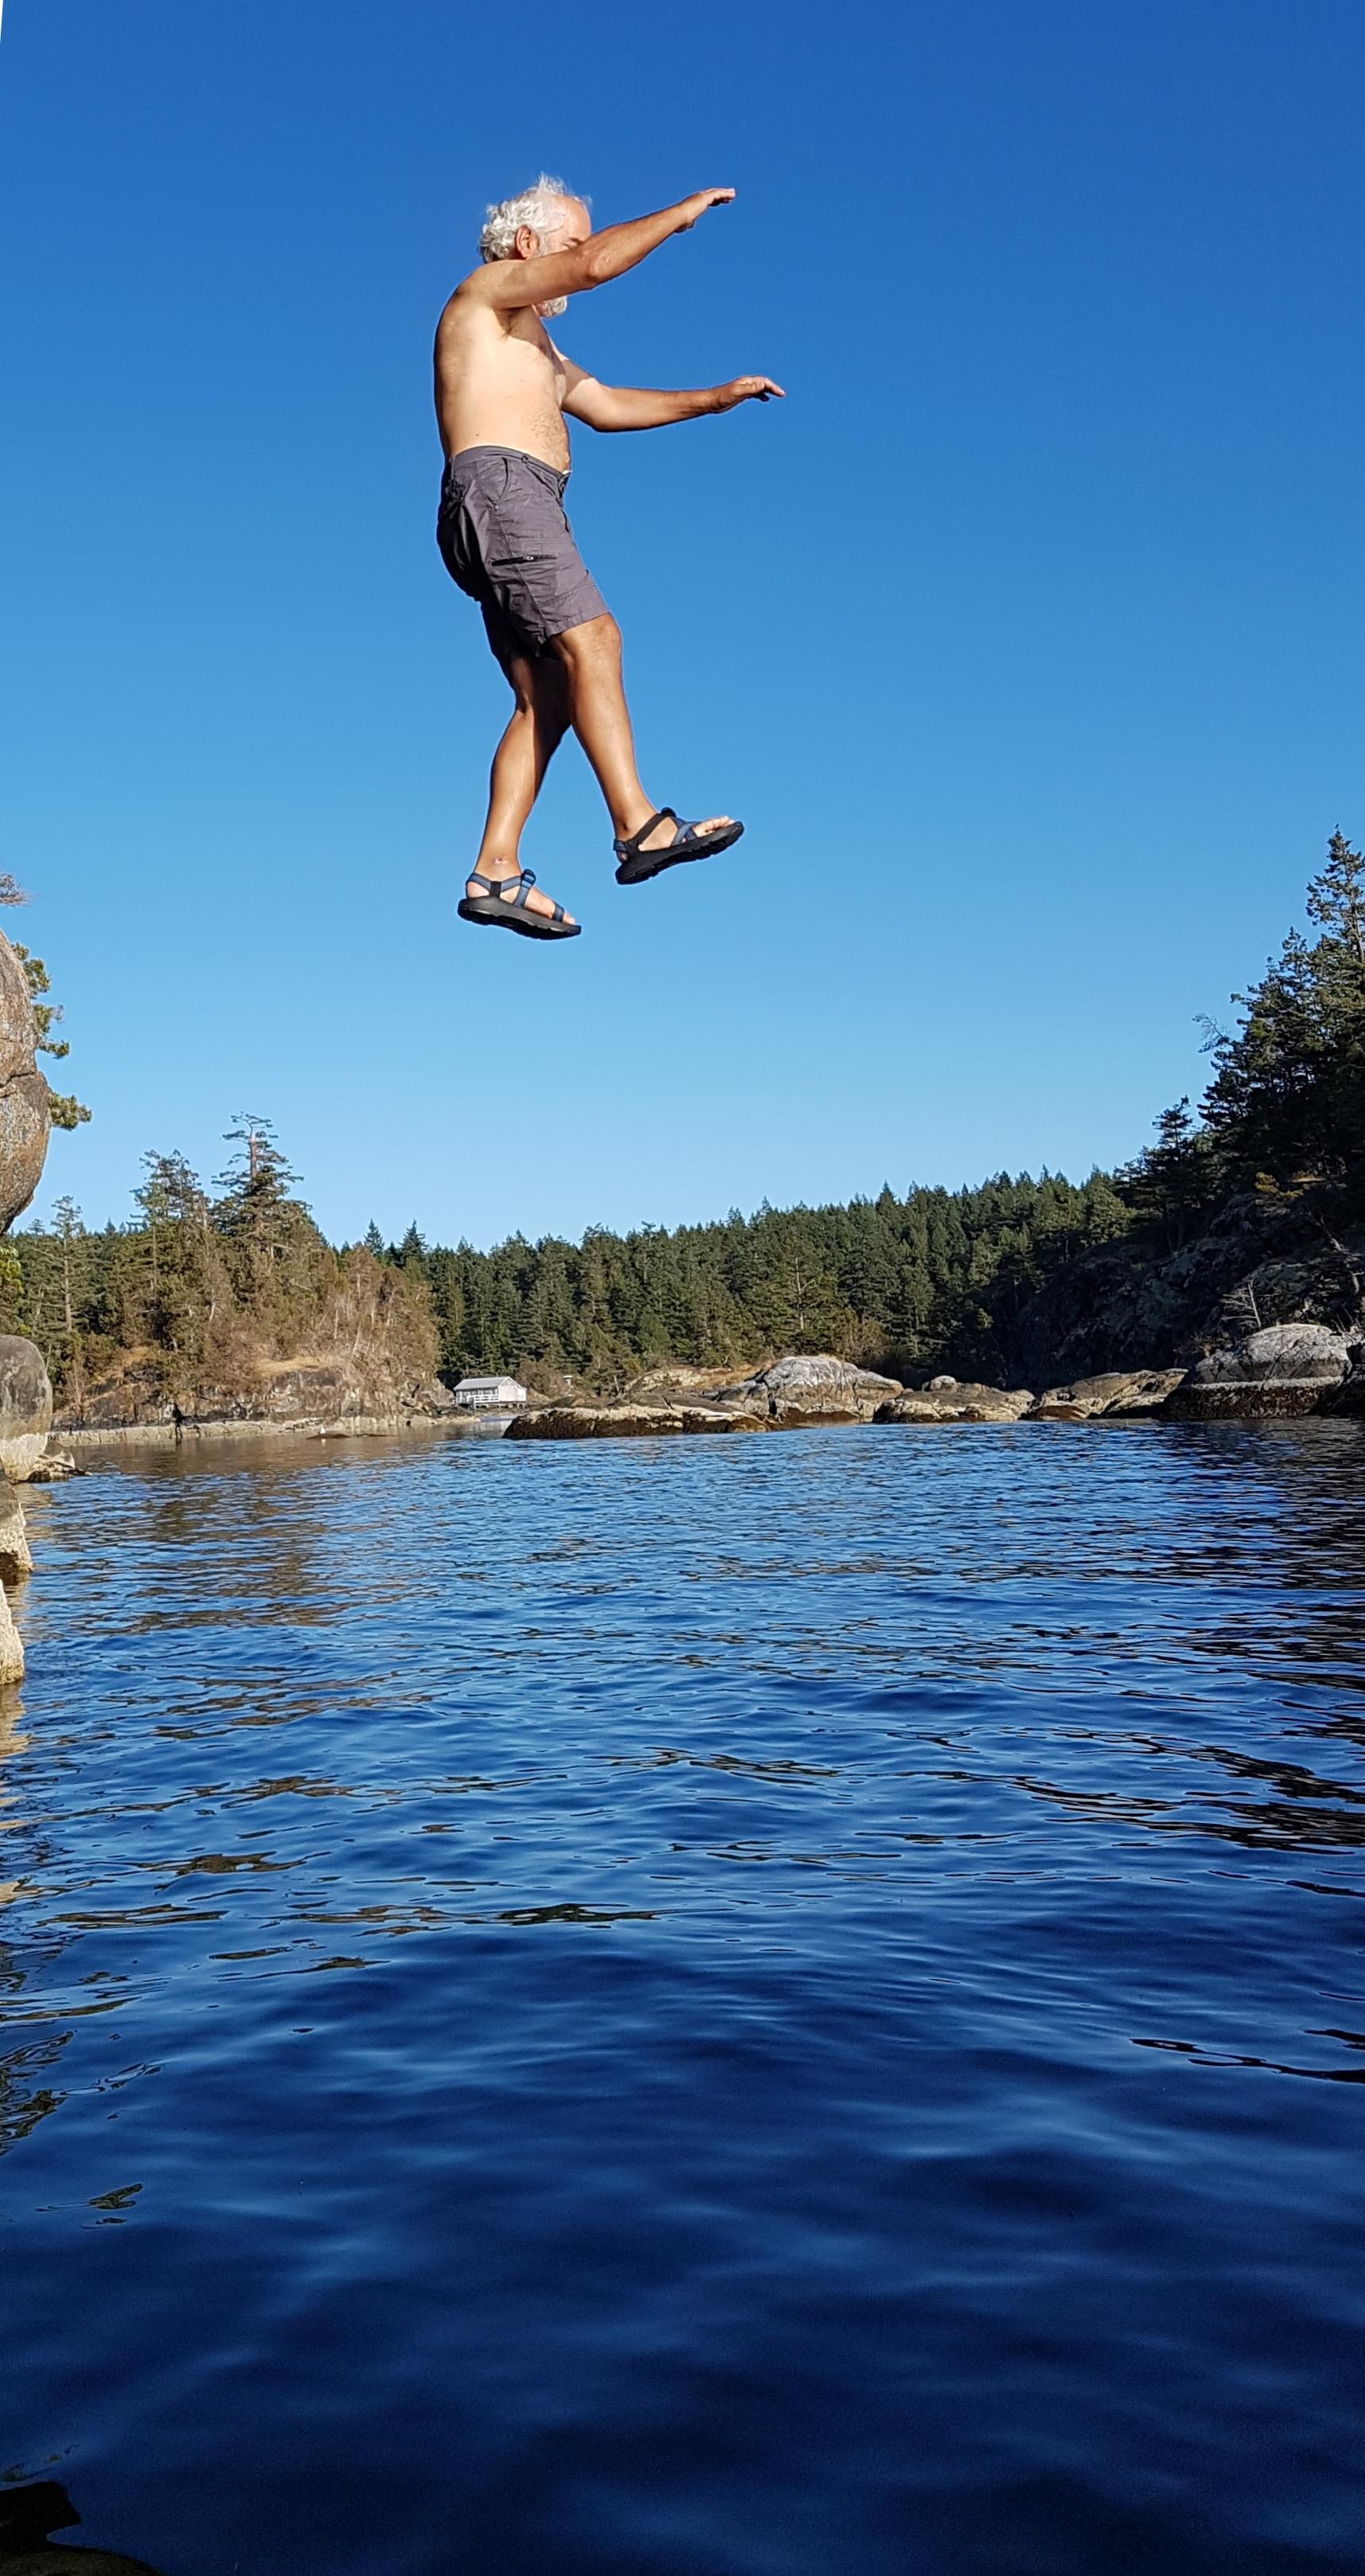 No problem, just jump...